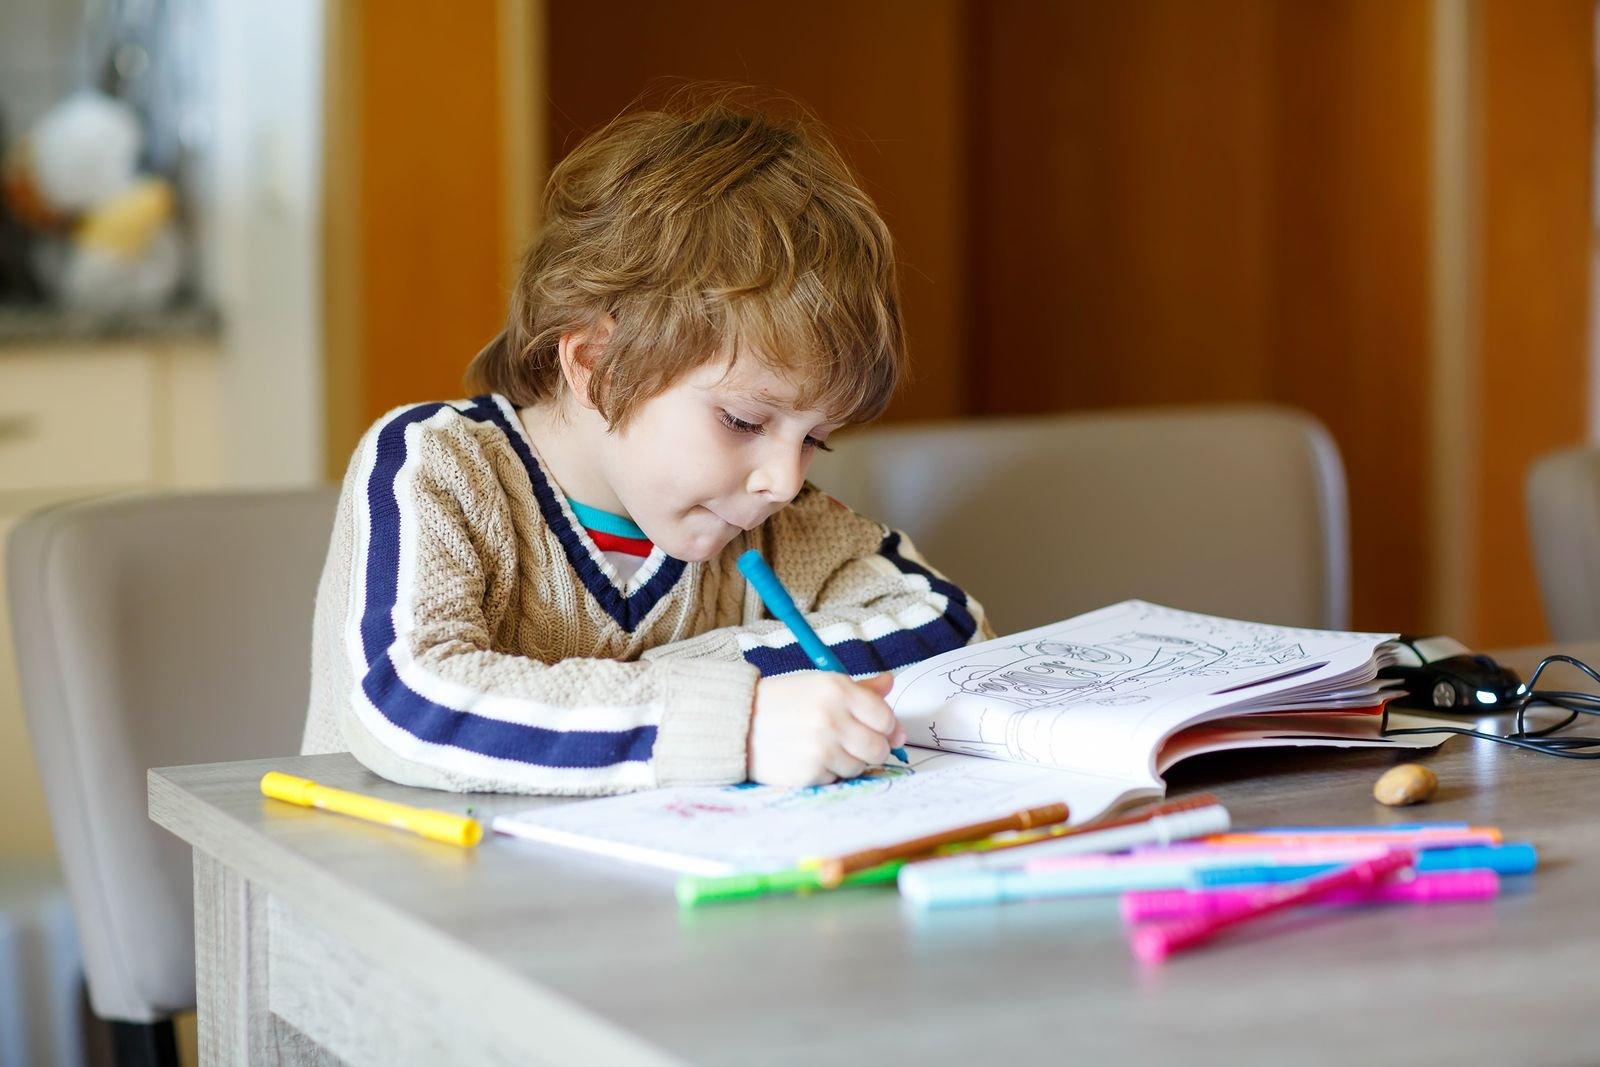 Таны хүүхдэд дараах 5 шинж илэрч байвал ГОЦ УХААНТАН гэсэн үг